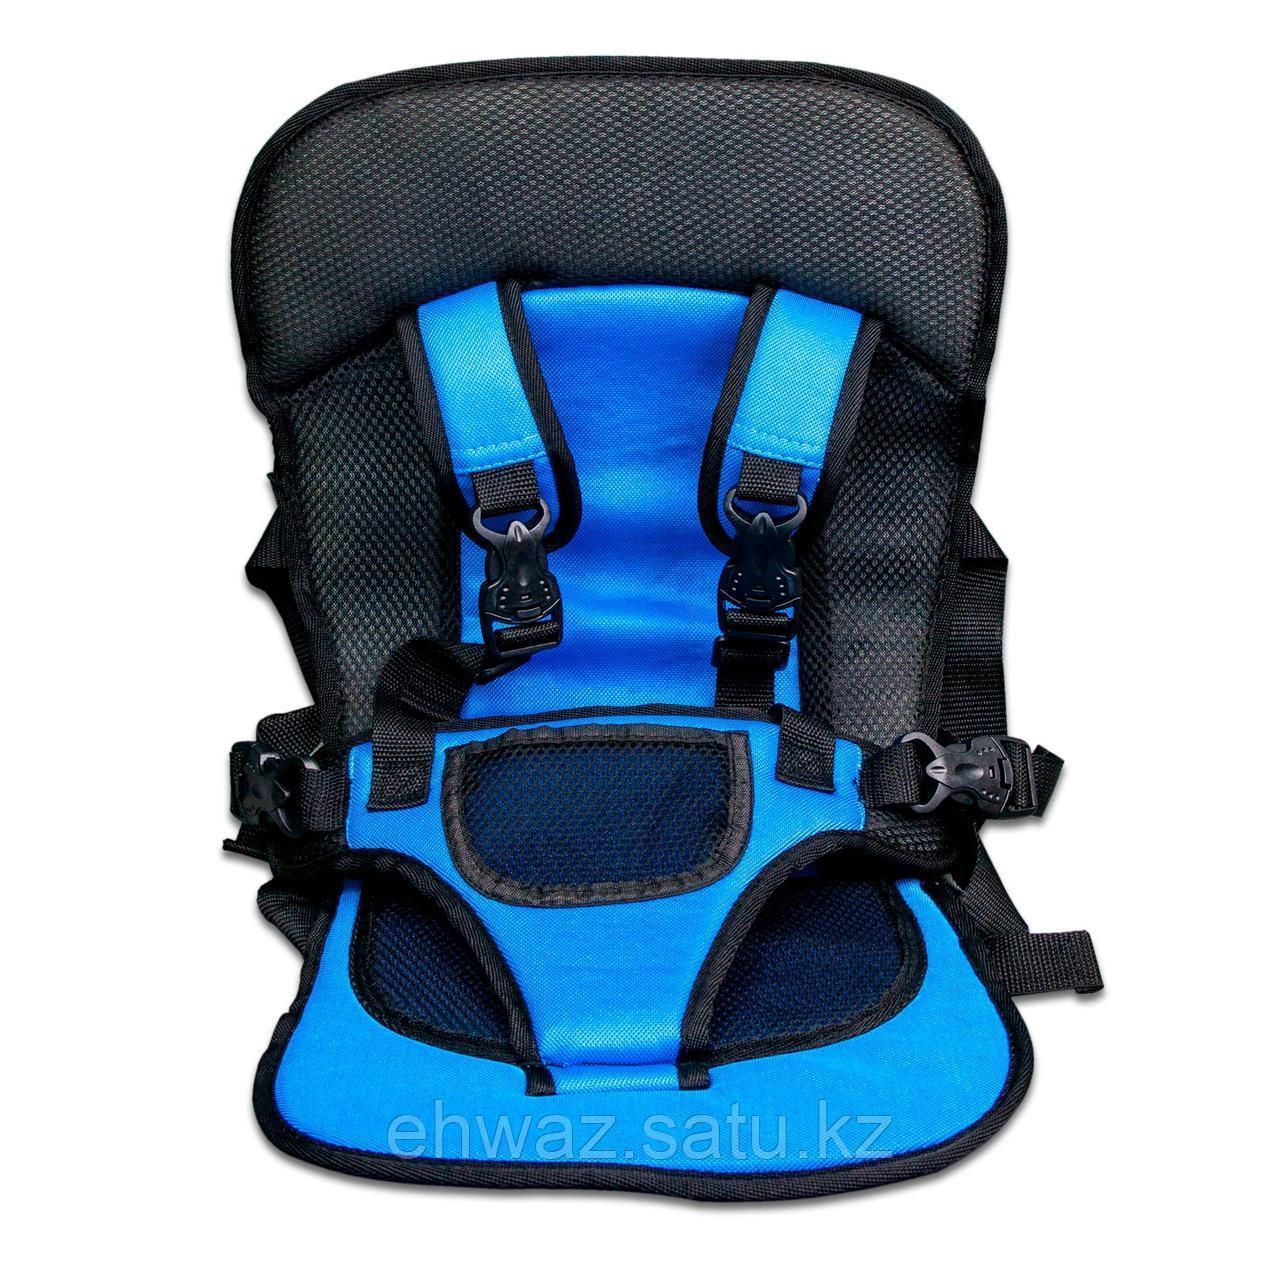 Бескаркасное автокресло для детей, цвет голубой